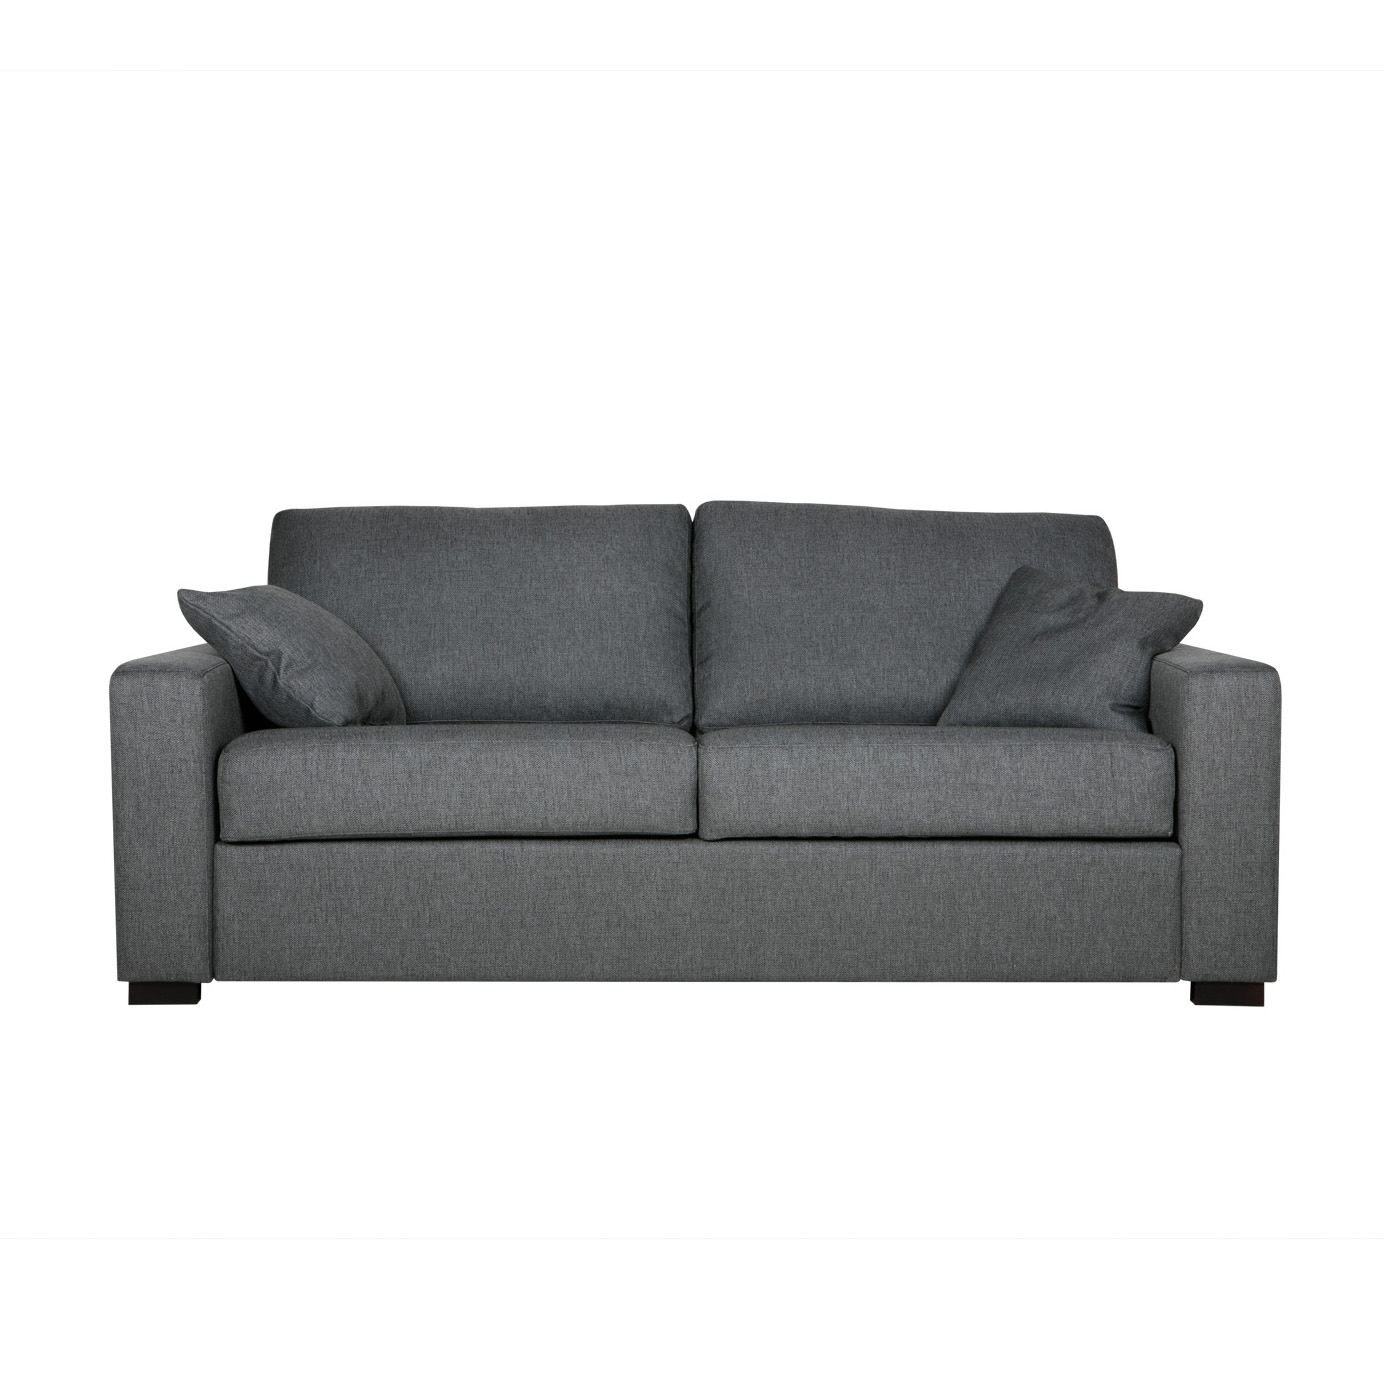 Диван Lukas раскладной трехместныйРаскладные<br>Дизайнерский удобный раскладной диван Lukas (Лукас) с тканевой обивкой на черных ножках от Sits (Ситс).<br> Необычайно удобный диван Lukas раскладной трехместный является ярким представителем строгой, но элегантной классики. Дизайнеры известнейшей компания мягкой мебели Sits не только создали диван приятных простых форм, но и придали ему легкий изысканный шарм, который способен преобразить все помещение. Lukas также снабжен маленькими декоративными подушками, что делает его внешний вид особенн...<br><br>stock: 0<br>Высота: 88<br>Высота сиденья: 48<br>Глубина: 100<br>Длина: 196<br>Цвет ножек: Черный<br>Механизмы: Раскладной<br>Материал обивки: Акрил, Полиэстер, Хлопок<br>Степень комфортности: Стандарт комфорт<br>Форма подлокотников: Armrest II<br>Коллекция ткани: Категория ткани II<br>Тип материала обивки: Ткань<br>Тип материала ножек: Дерево<br>Размер спального места (см): 195х140<br>Цвет обивки: Темно-серый